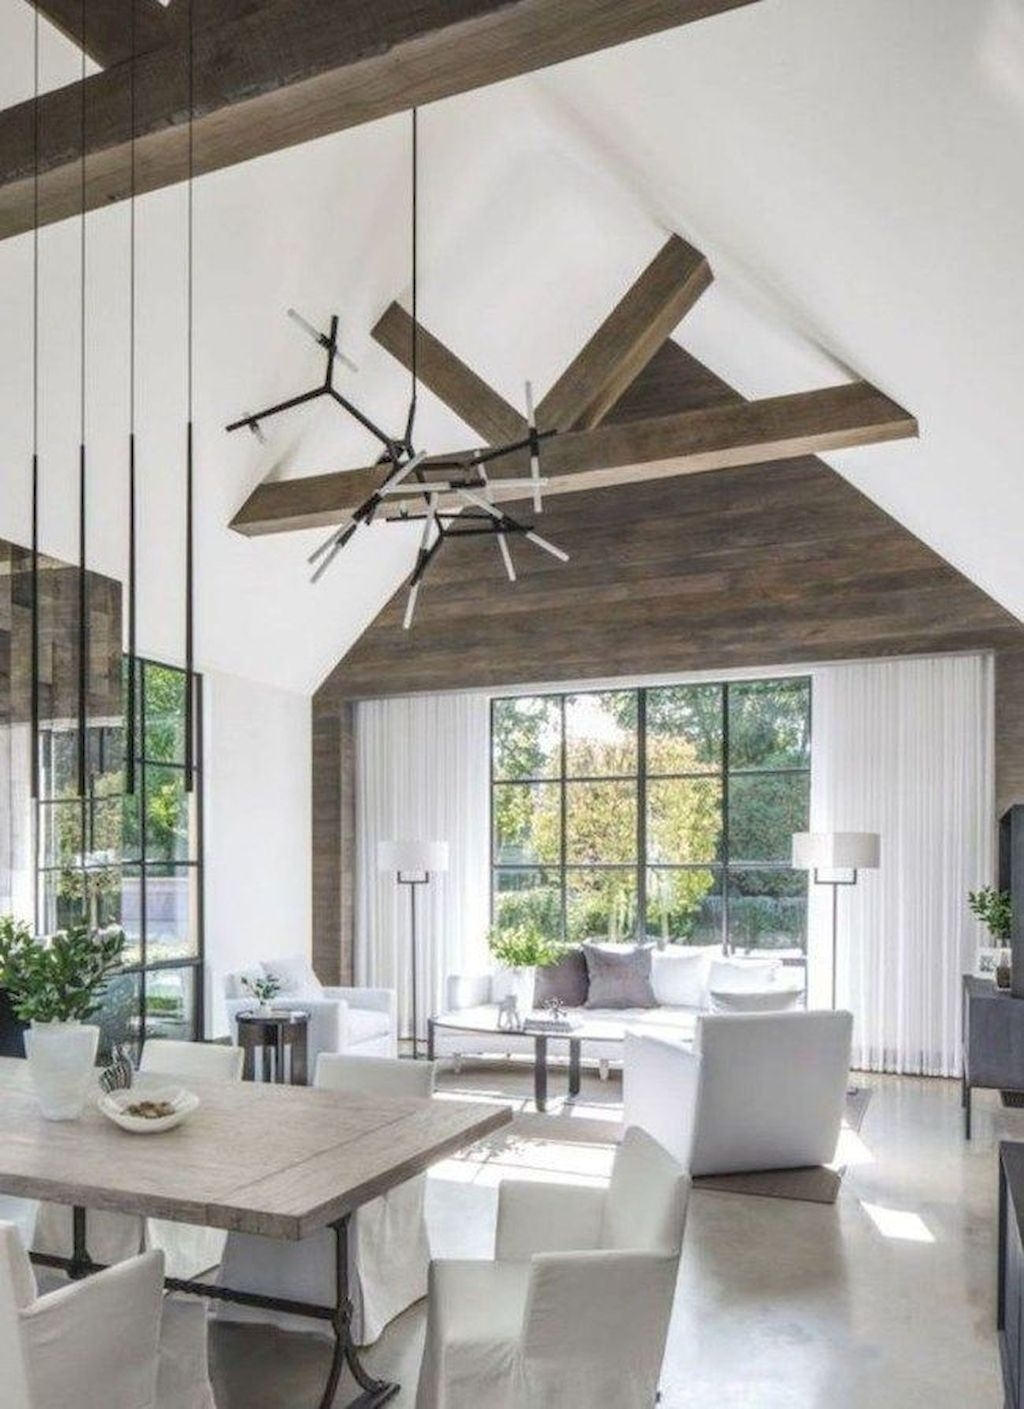 Popular Summer Dining Room Design Ideas 32